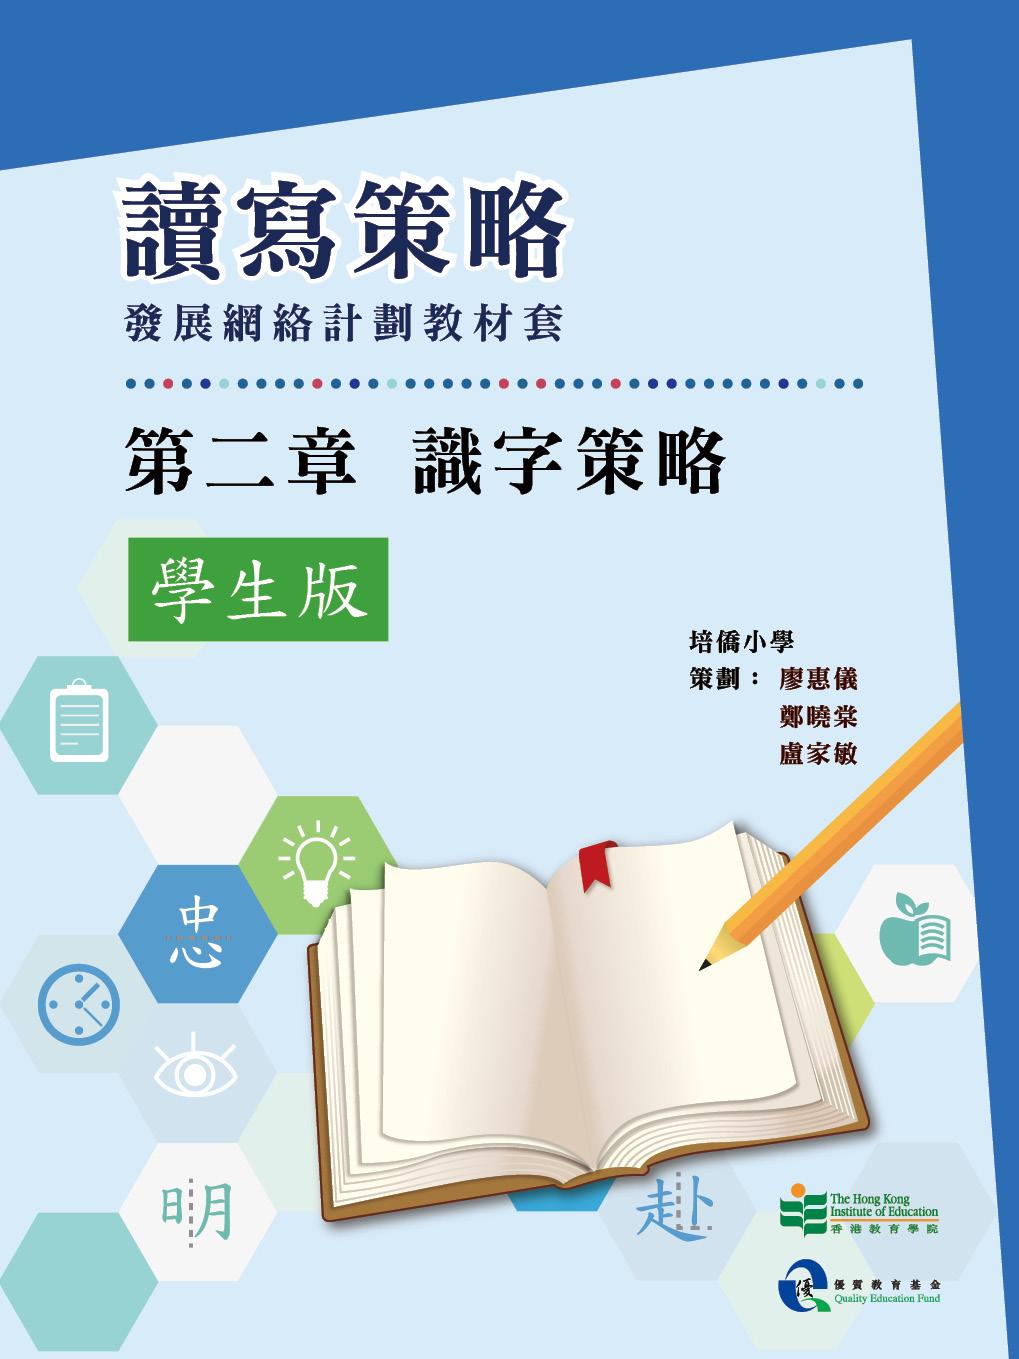 讀寫策略發展網絡計劃教材套 第二章 識字策略(學生版)